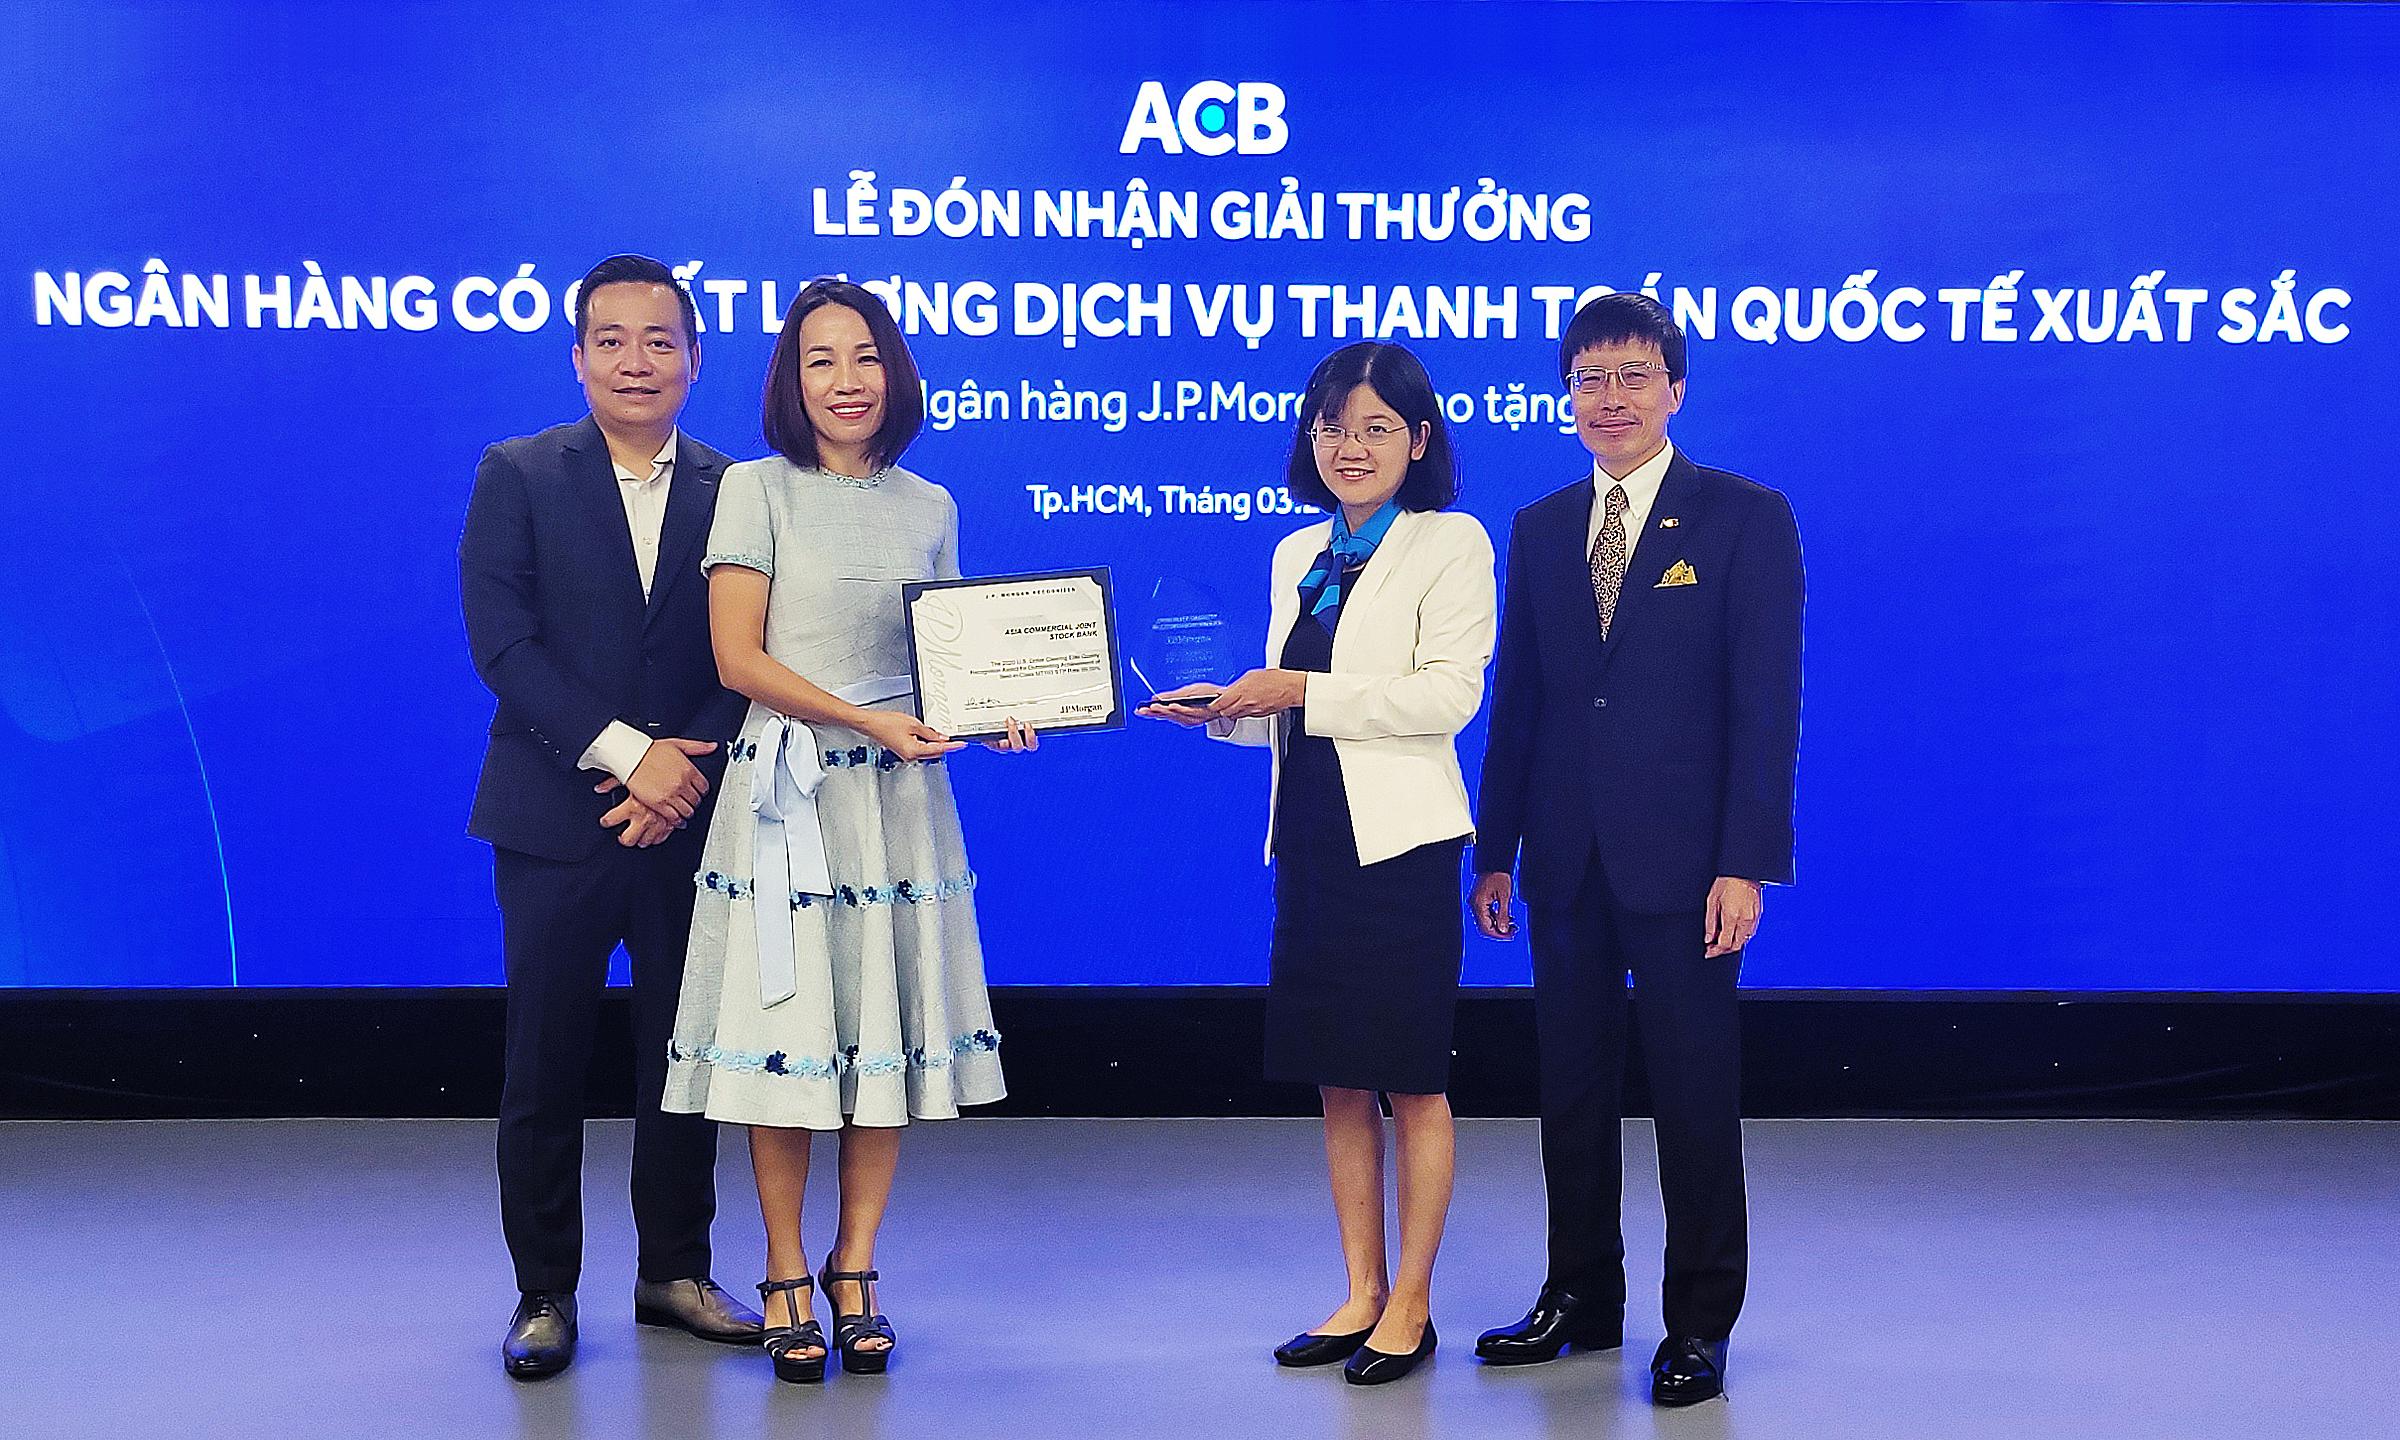 Đại diện ACB nhận giải thưởng Ngân hàng có chất lượng dịch vụ thanh toán quốc tế xuất sắc năm 2020 do JP Morgan Chase trao tặng. Ảnh: ACB.